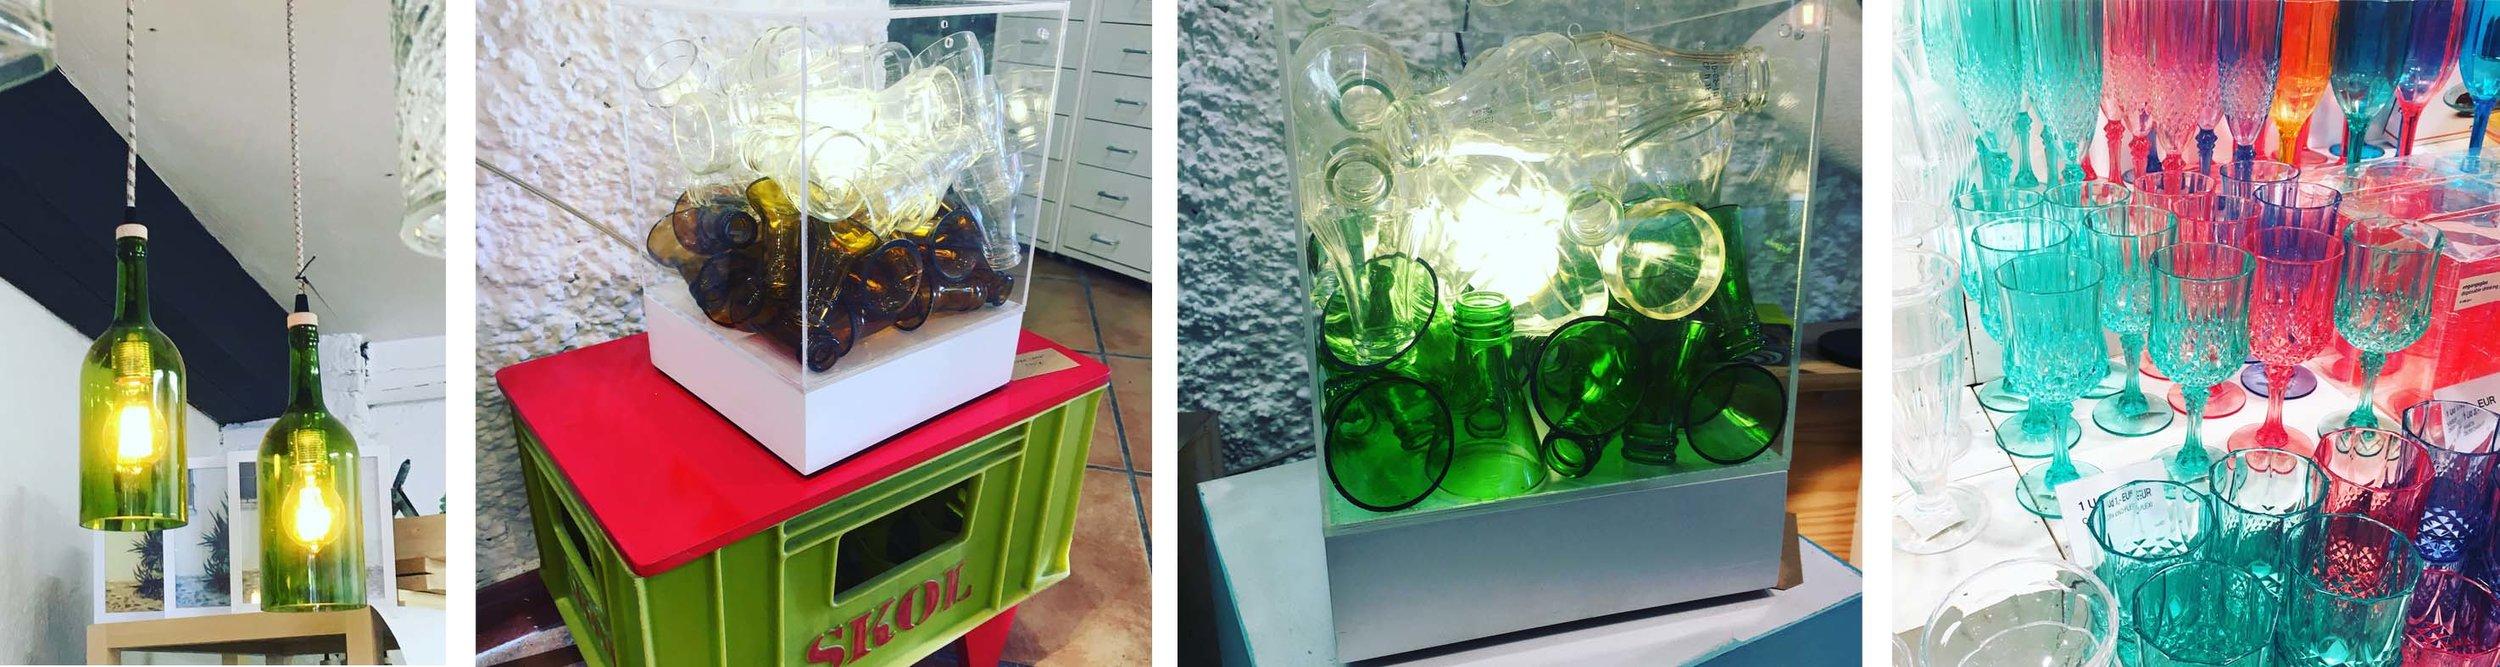 Porque temos ímã de projeto - as garrafas -que serão muito usadas em evento corporativo que estamos preparando -encontradas de várias formas criativas, no meio do nada, em galerias de arte, como esculturas, objetos e luminárias. E as lojinhas que amamos, que dá vontade de trazer tudo! Pena ainda não termos no Brasil material de tão boa qualidade, em itens descartáveis como estes copos super lindos. Pena que estes, não dá para trazer!